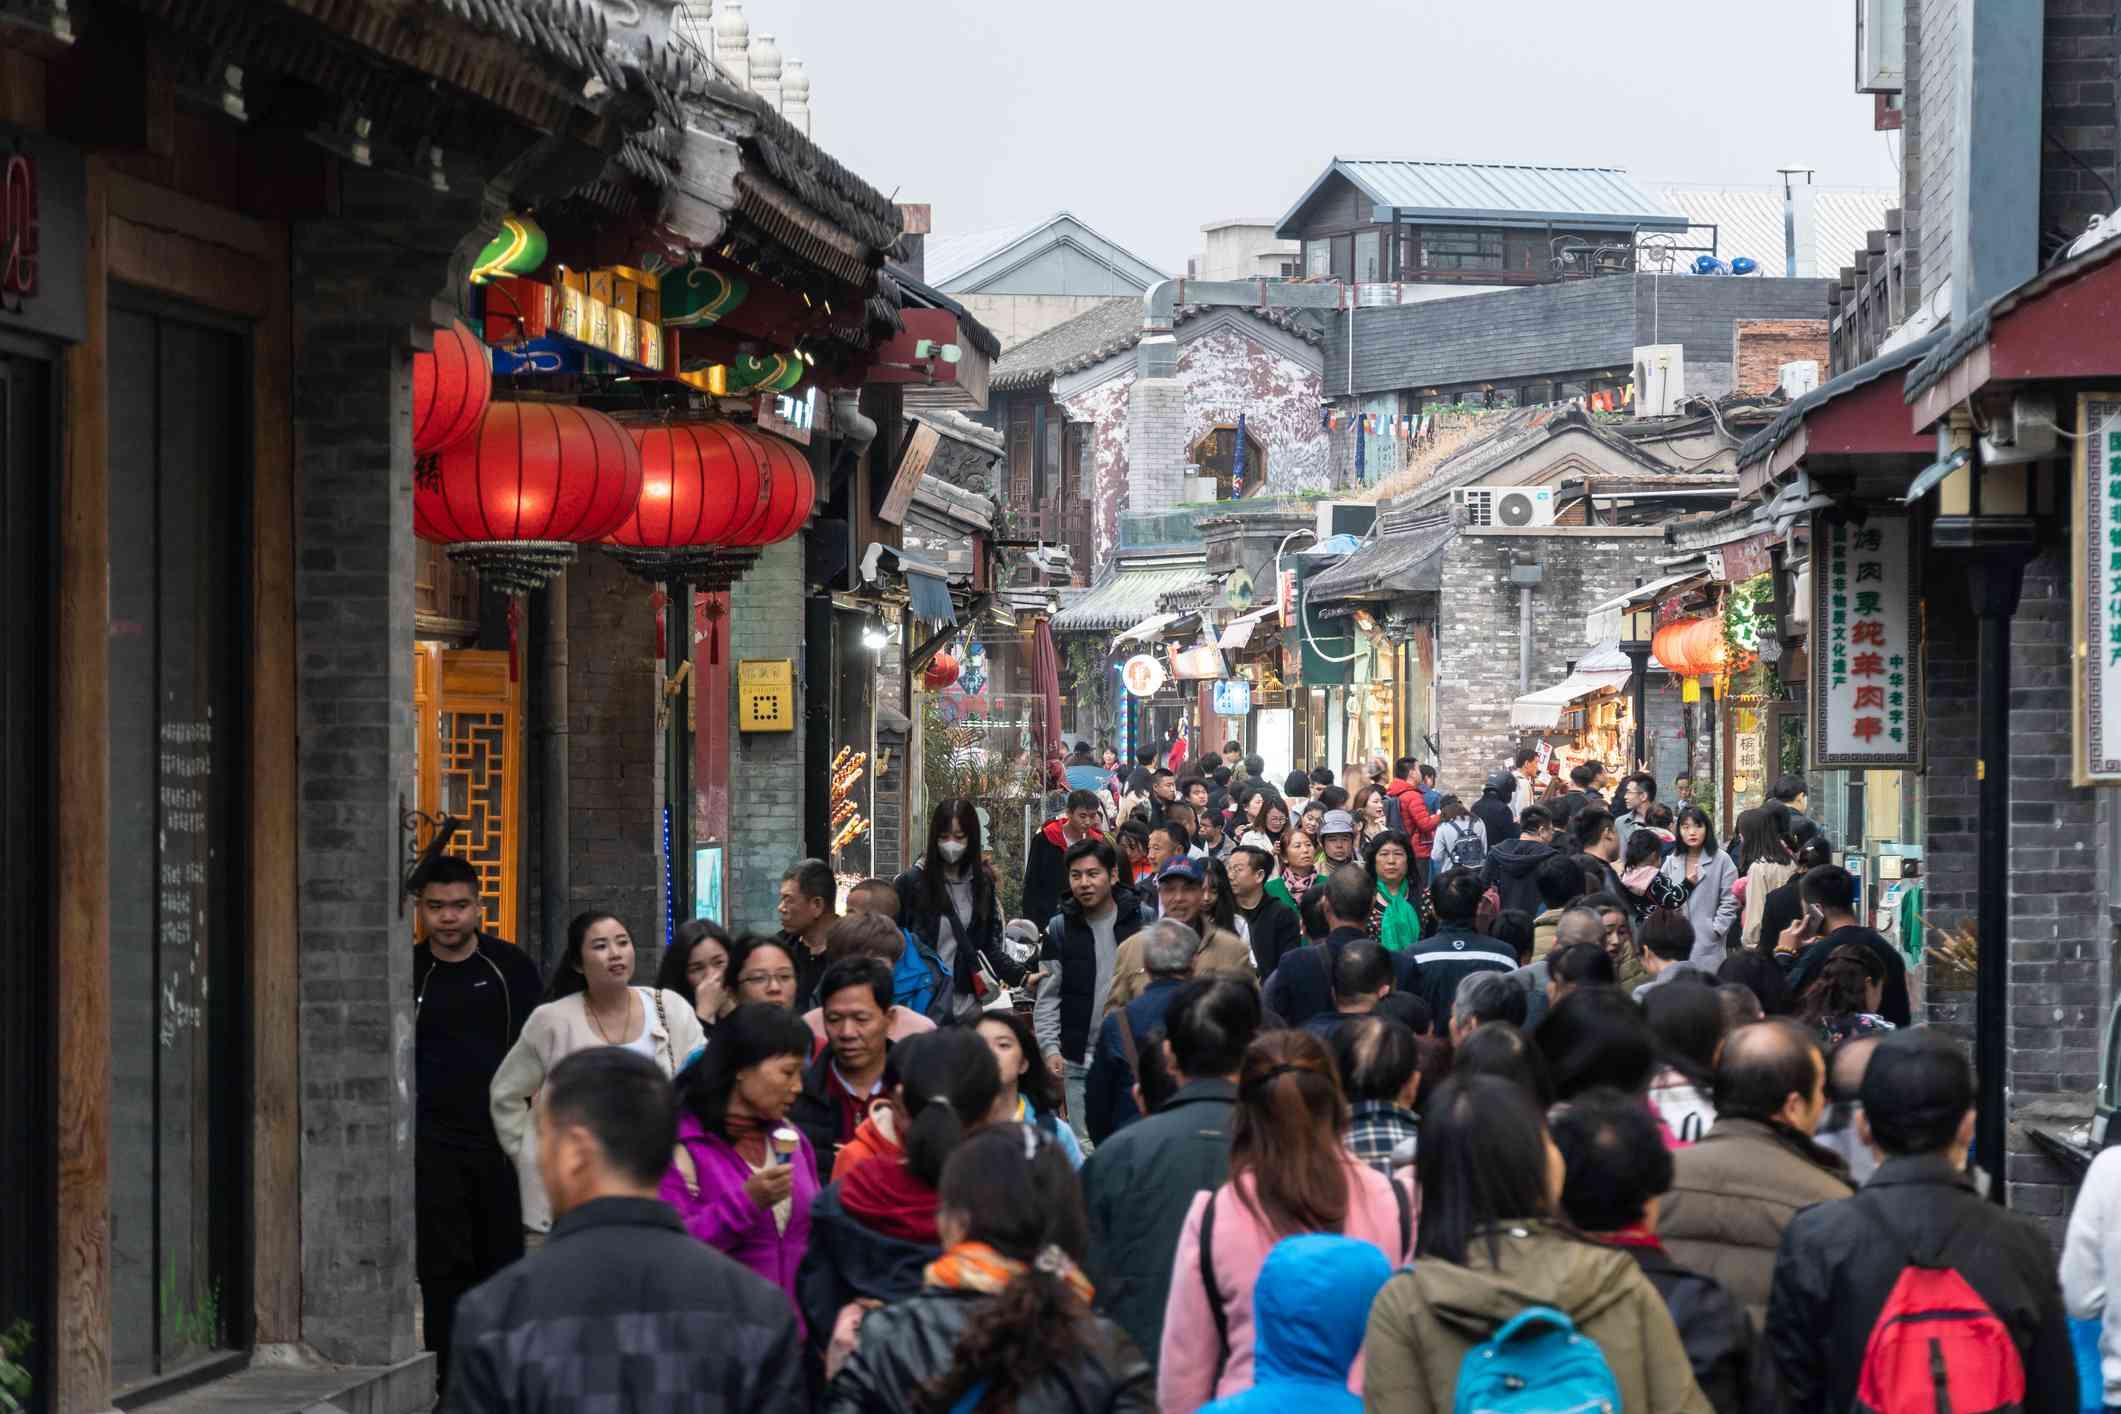 Shichahai, Beijing old town